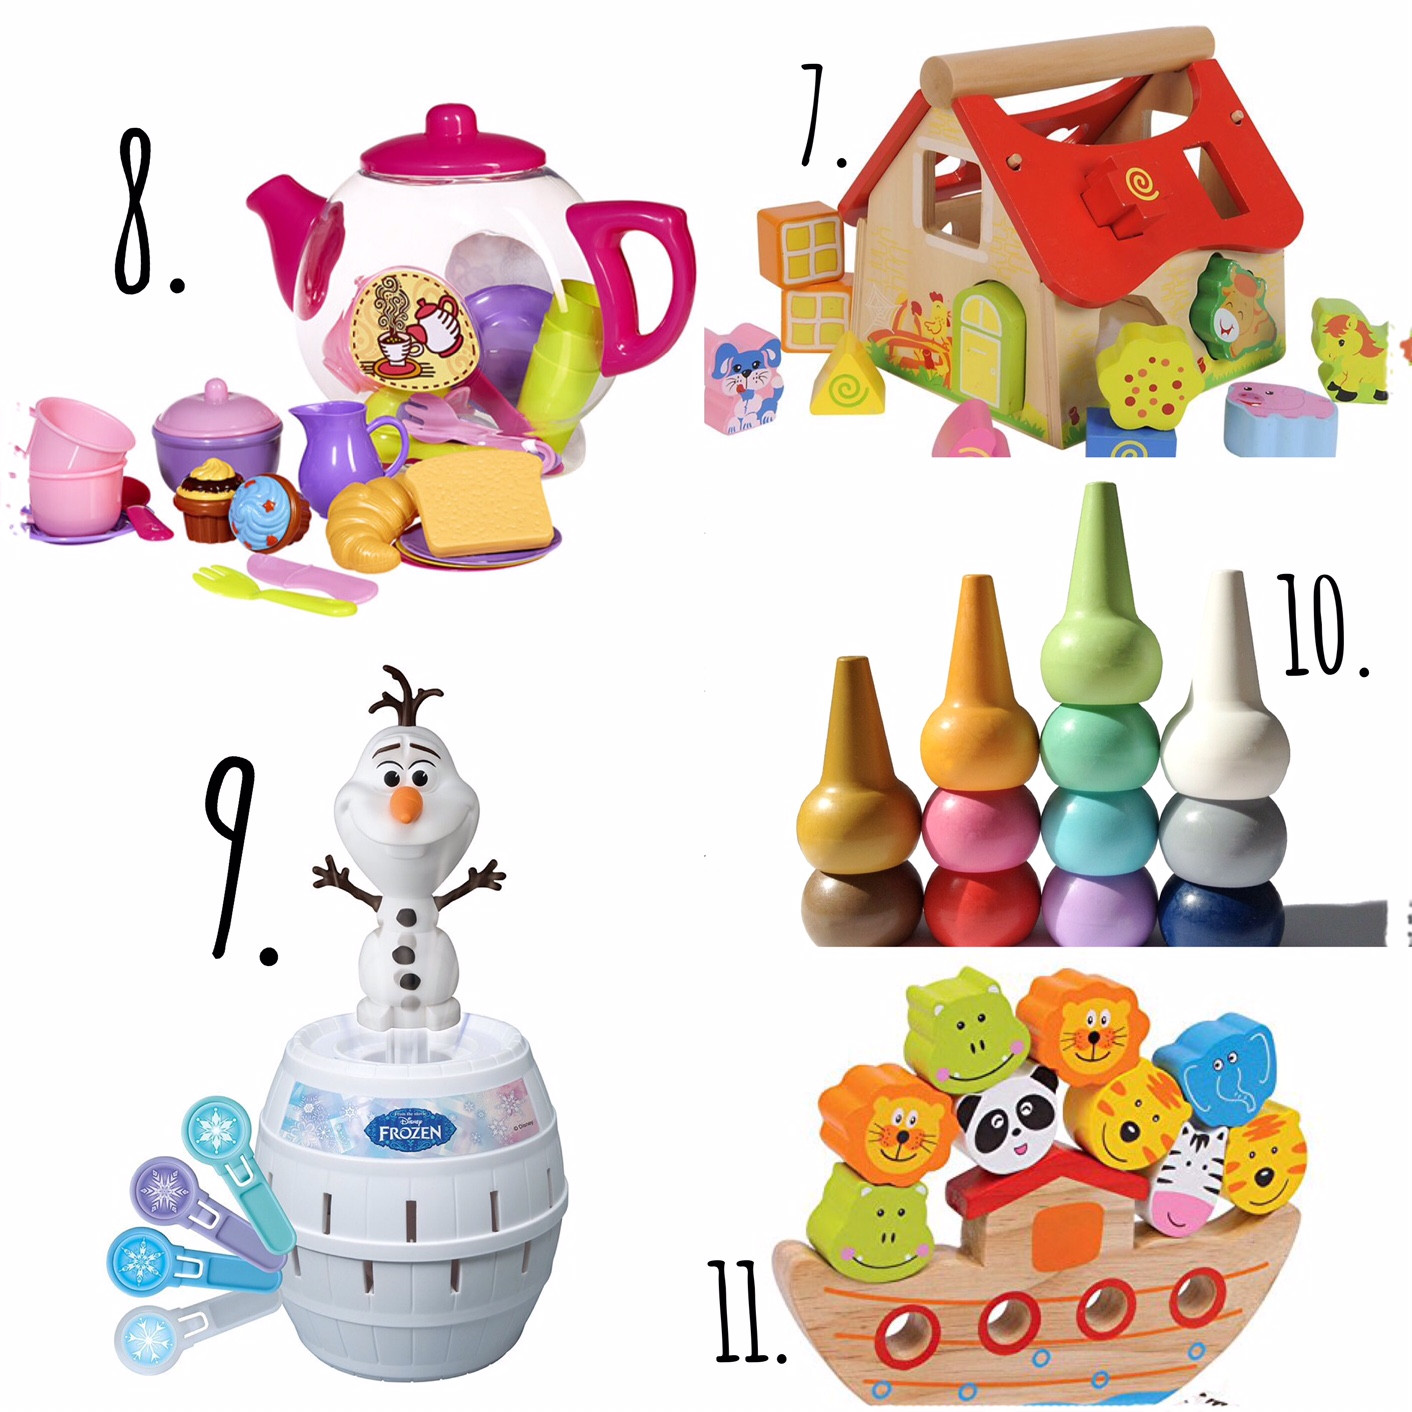 Geburtstagsgeschenk 2 Jährige  Die Top 20 Geschenke zum 2 Geburtstag mamizeug